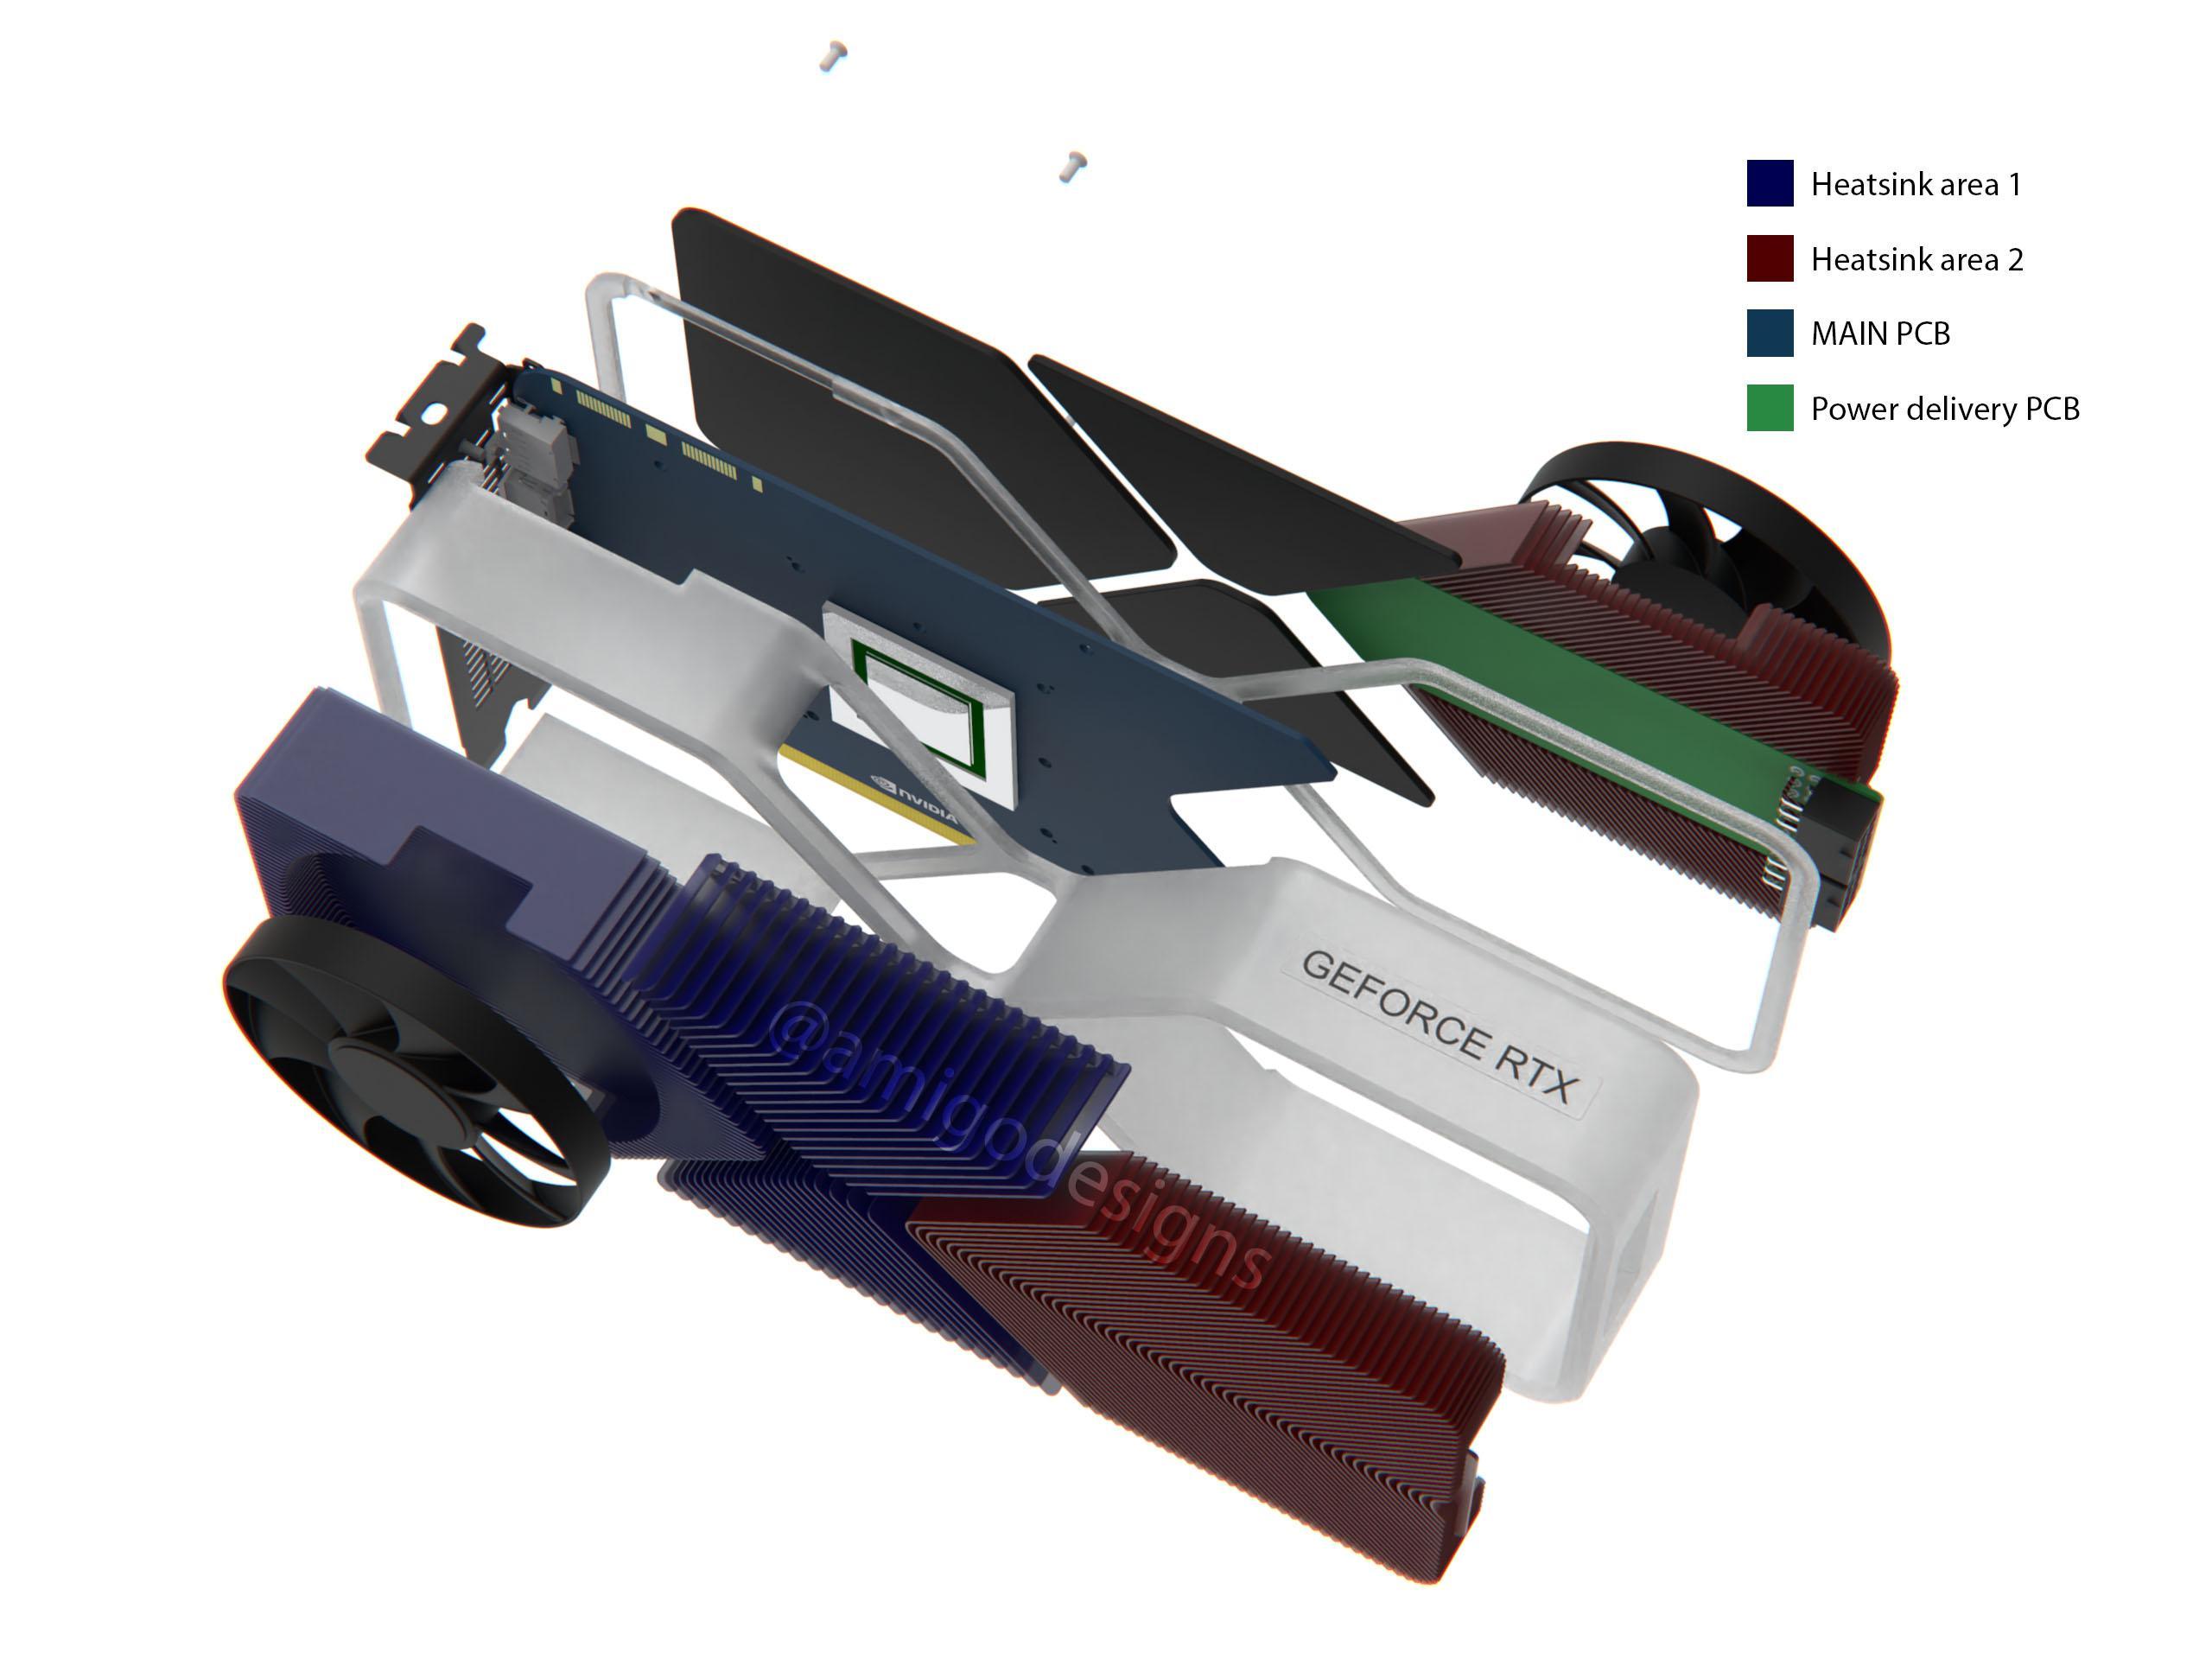 Nvidia Ampere GeForce RTX 3080 3090 Cooler Design